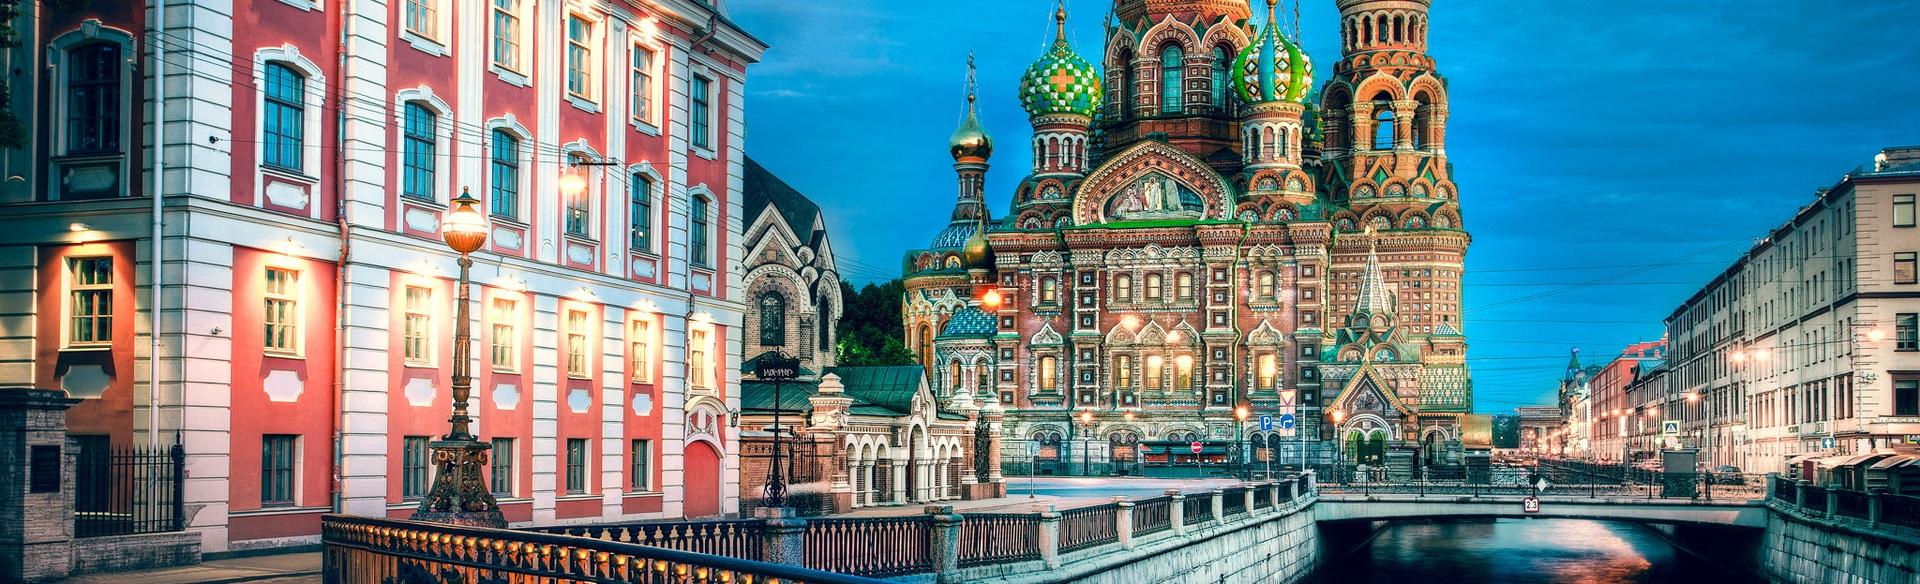 petrograd moskva putovanja obilasci cene aranzmana avionm uskrs prvi maj